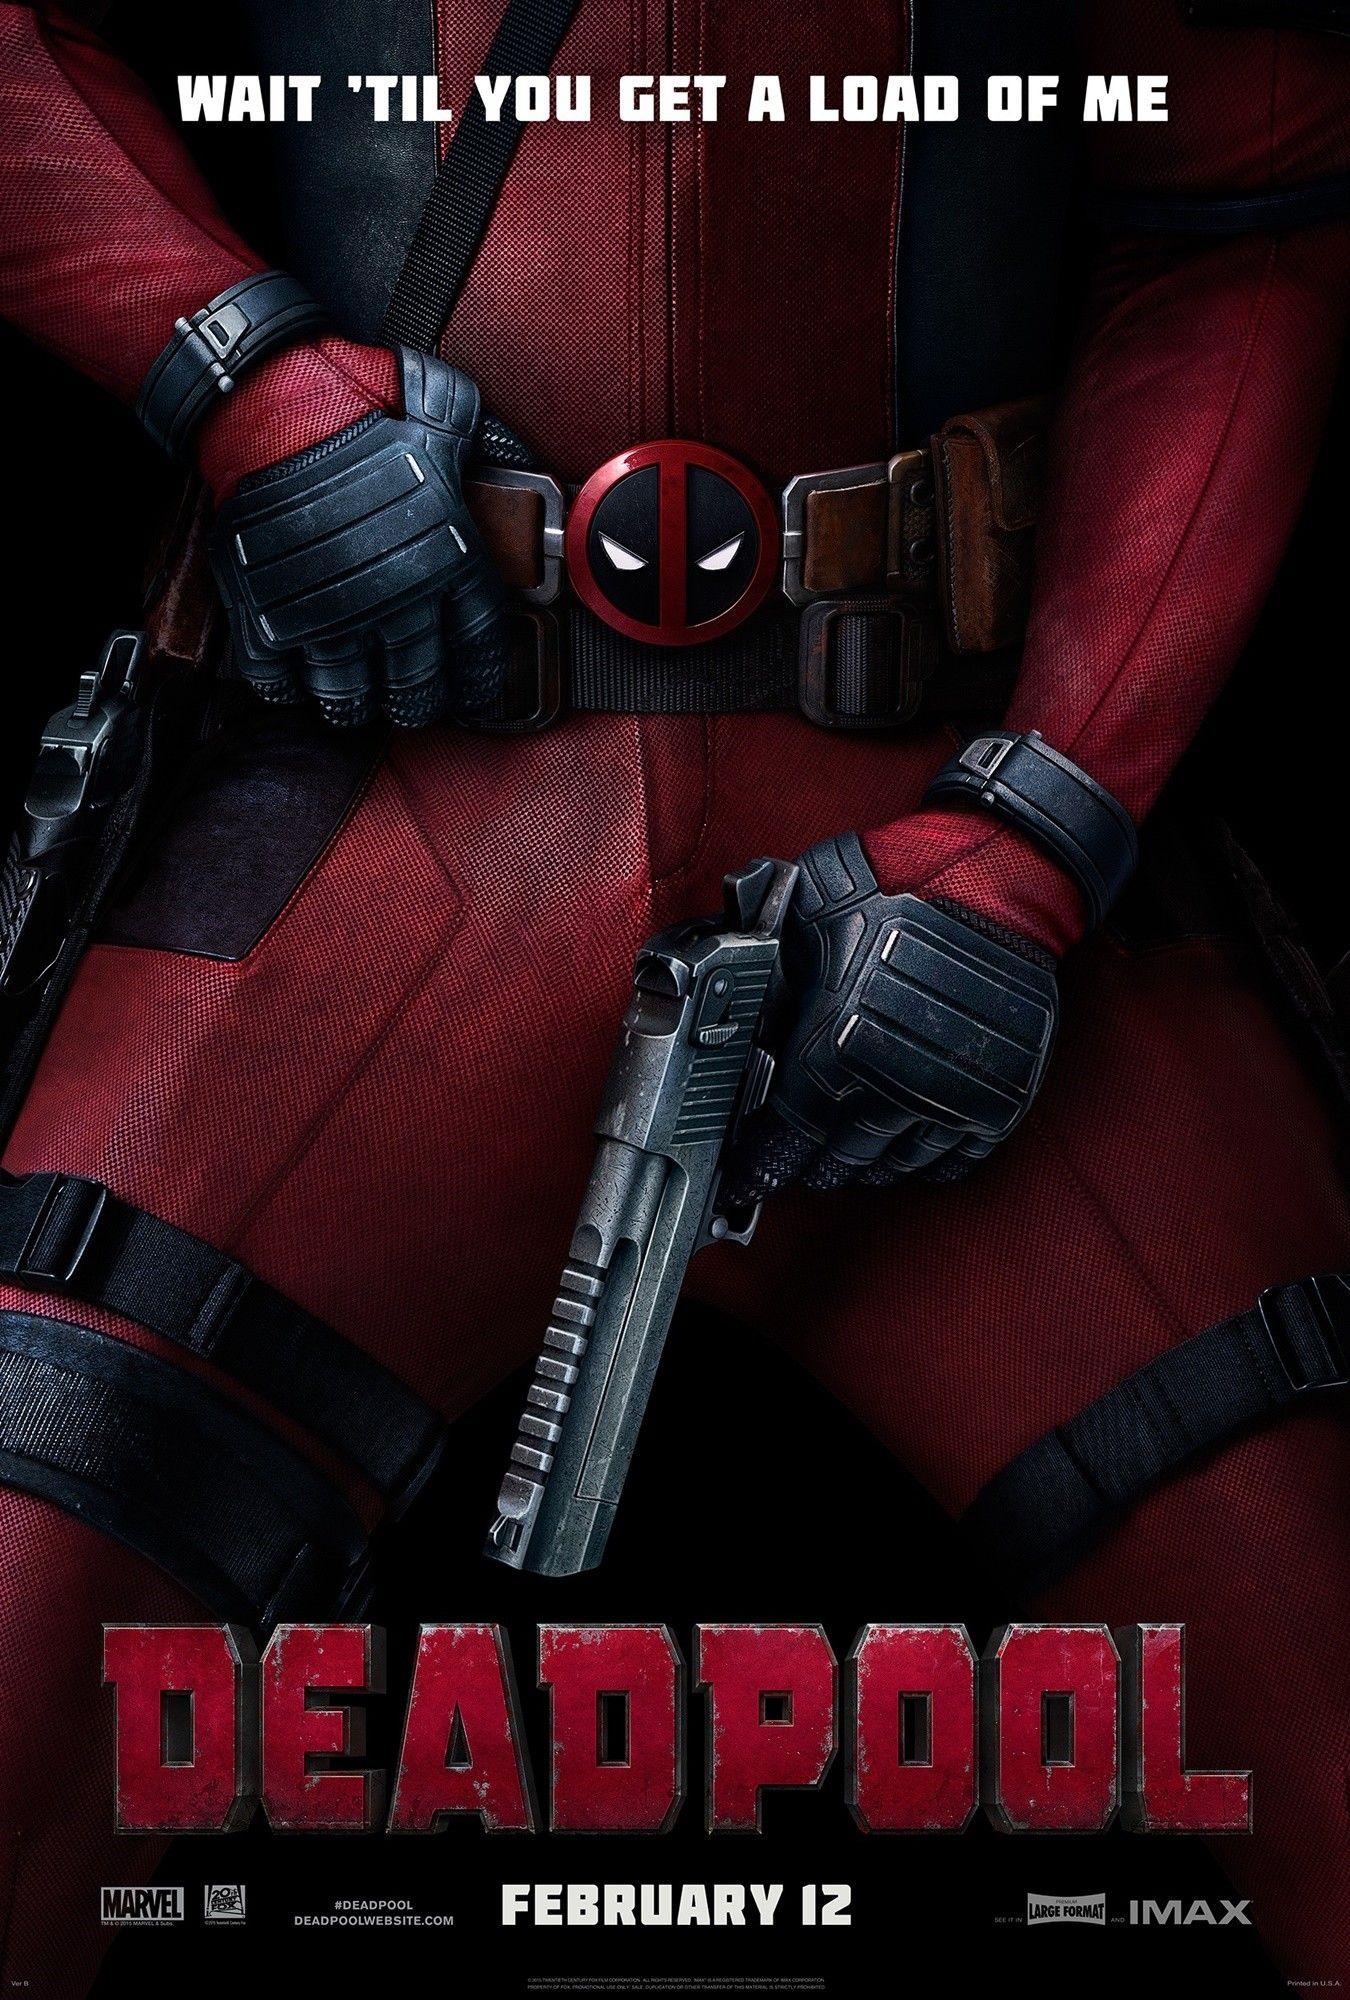 deadpool-poster04.jpg